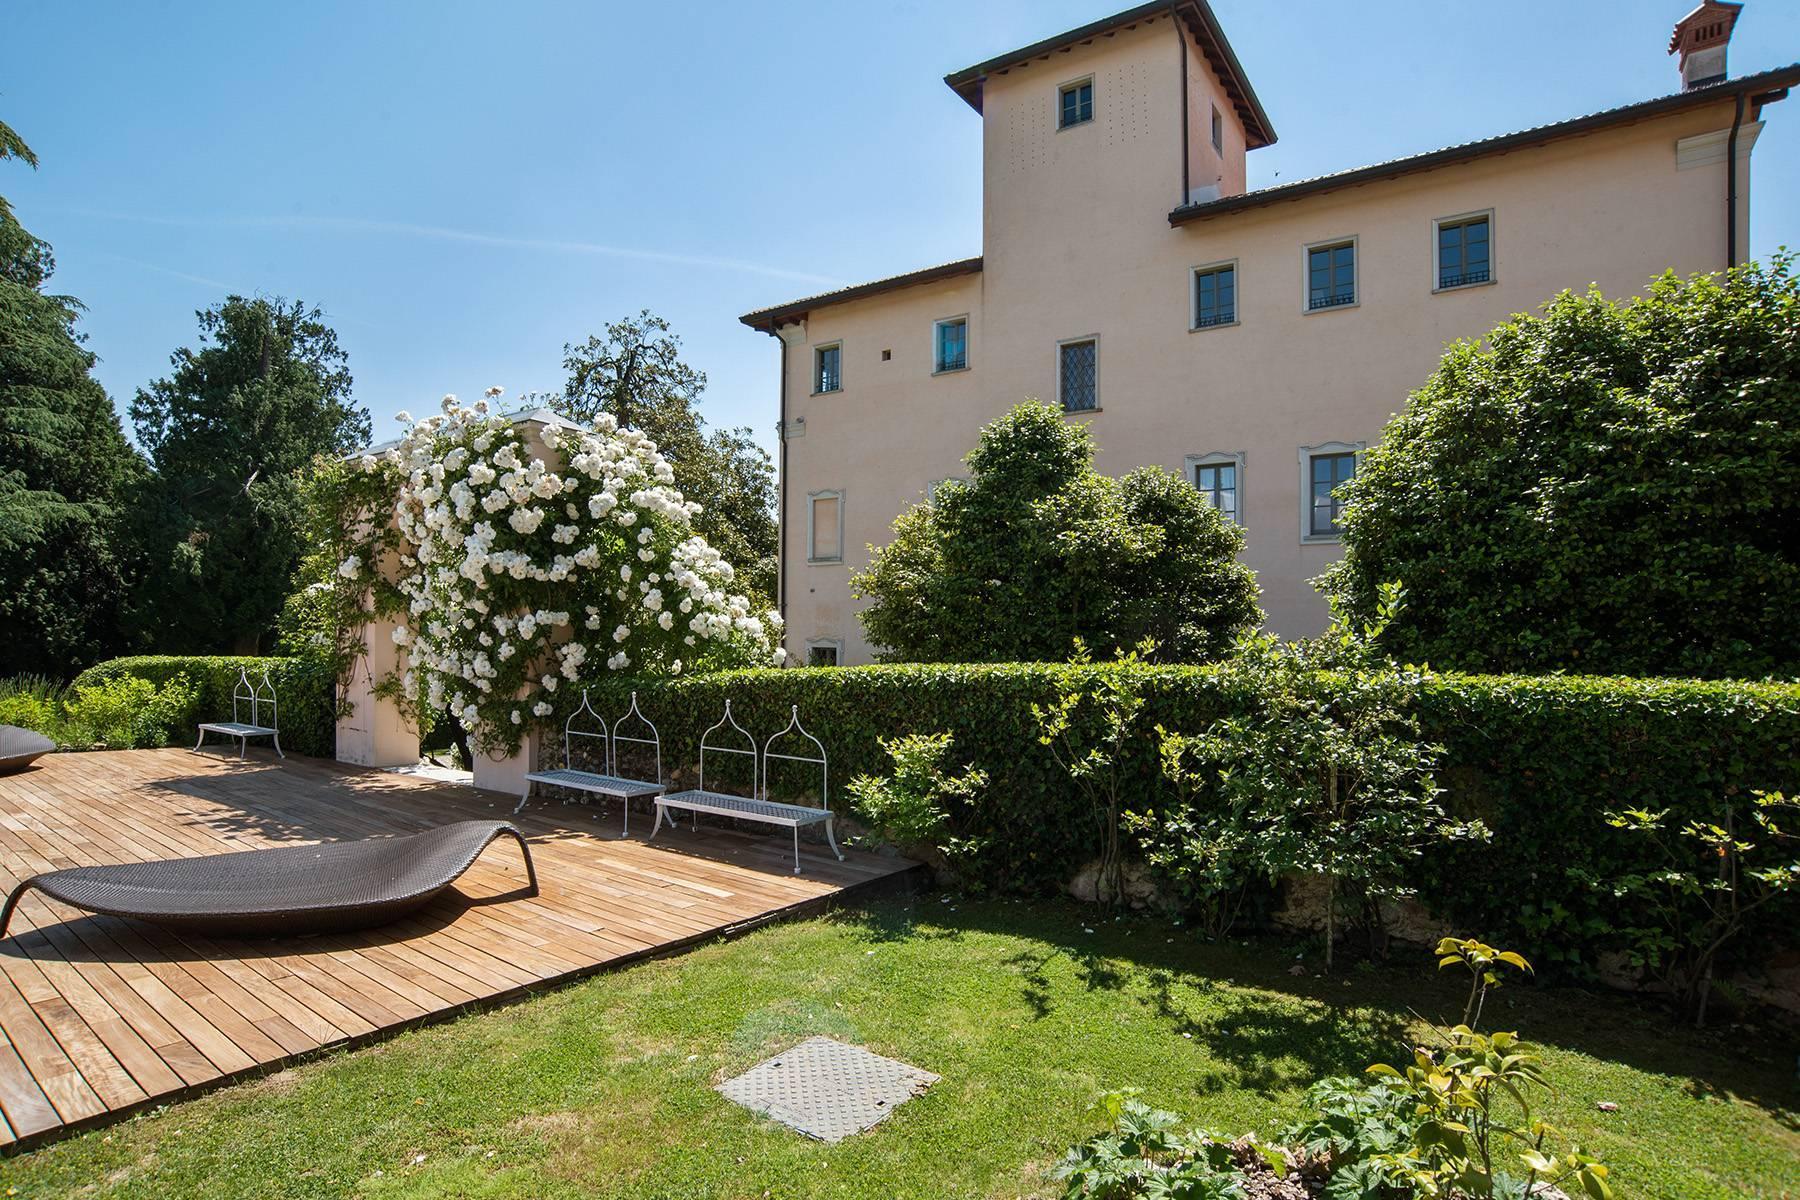 Antike Burg am Lago Maggiore - 6